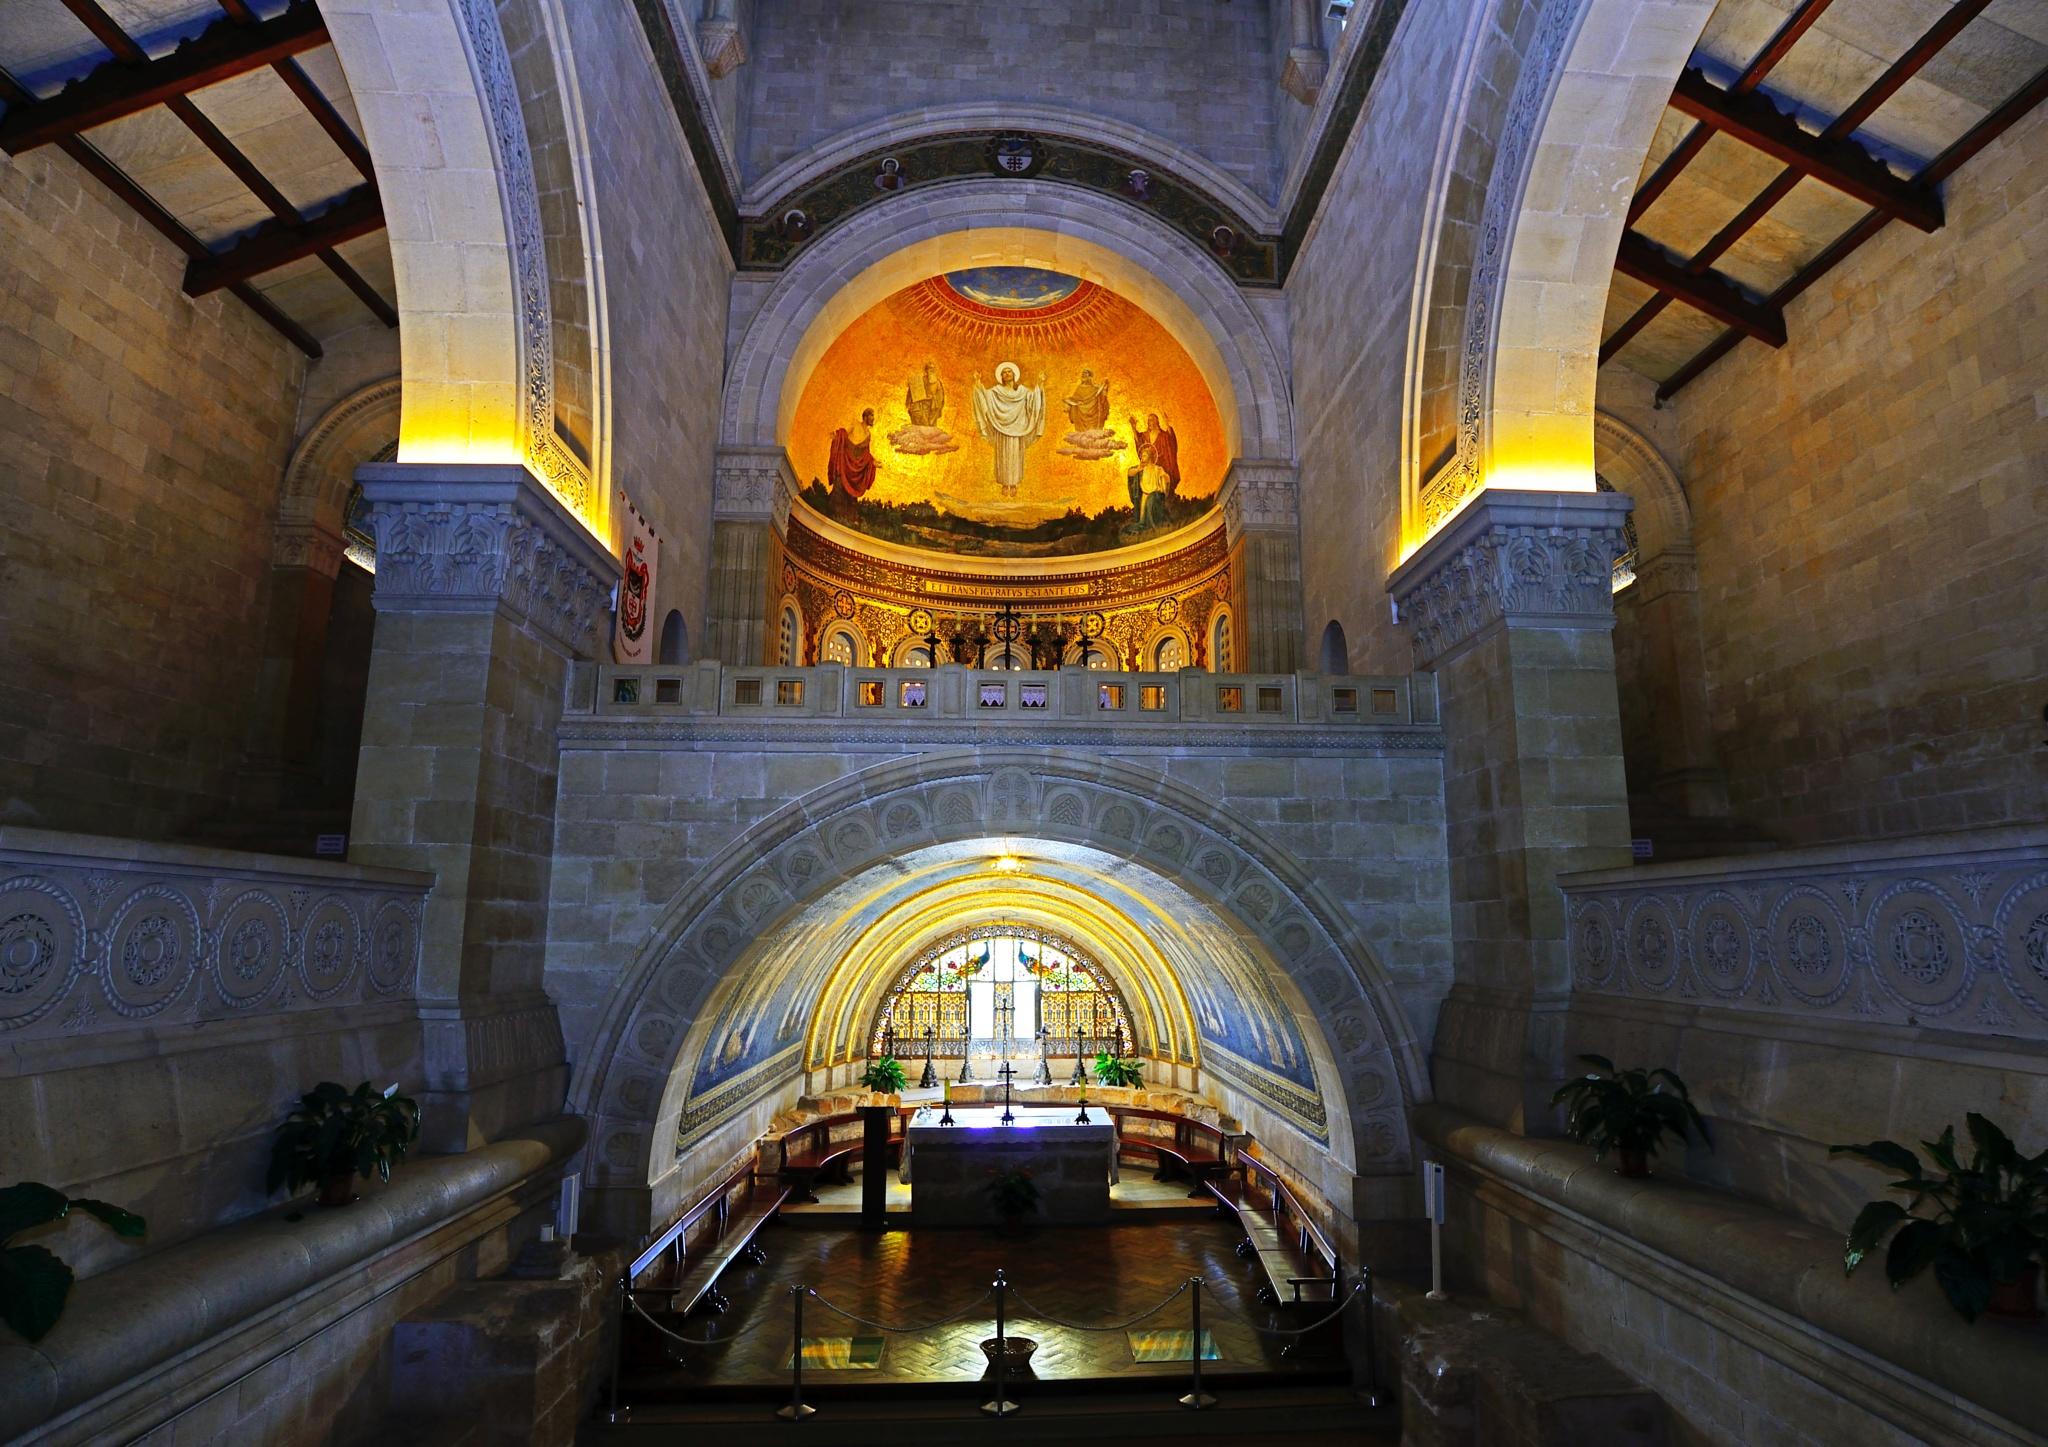 Church Altar by djerrybansaleng